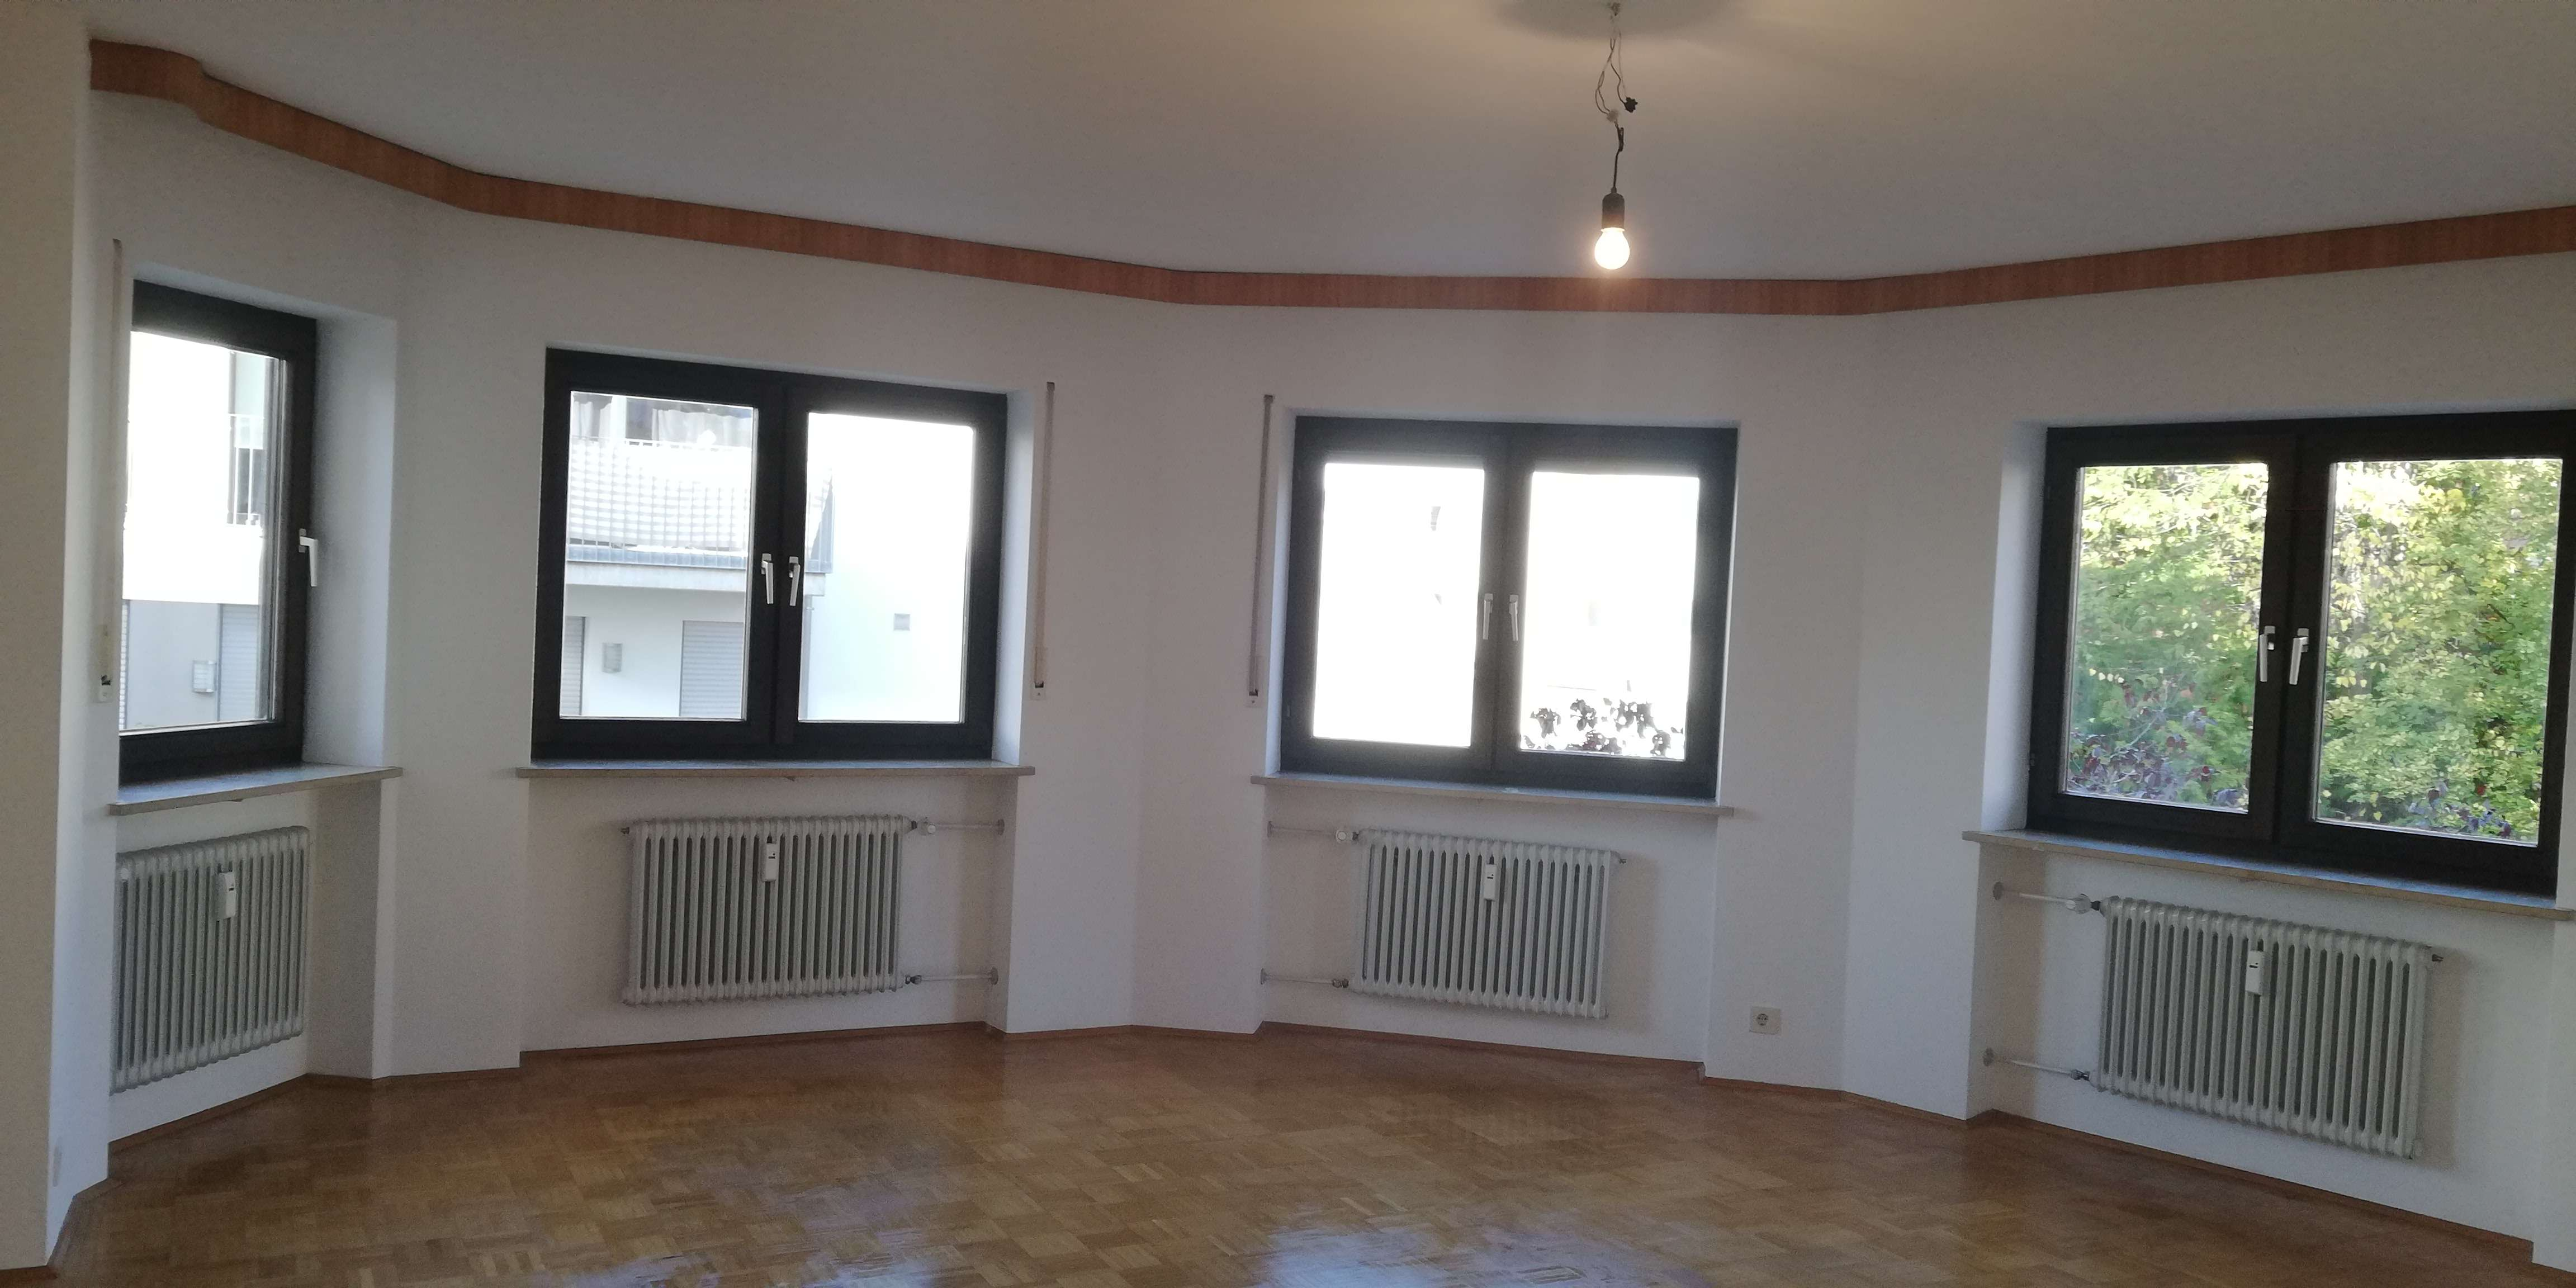 Schöne zwei Zimmer Wohnung in Erlanger Stadtzentrum in Erlangen - Zentrum (Erlangen)